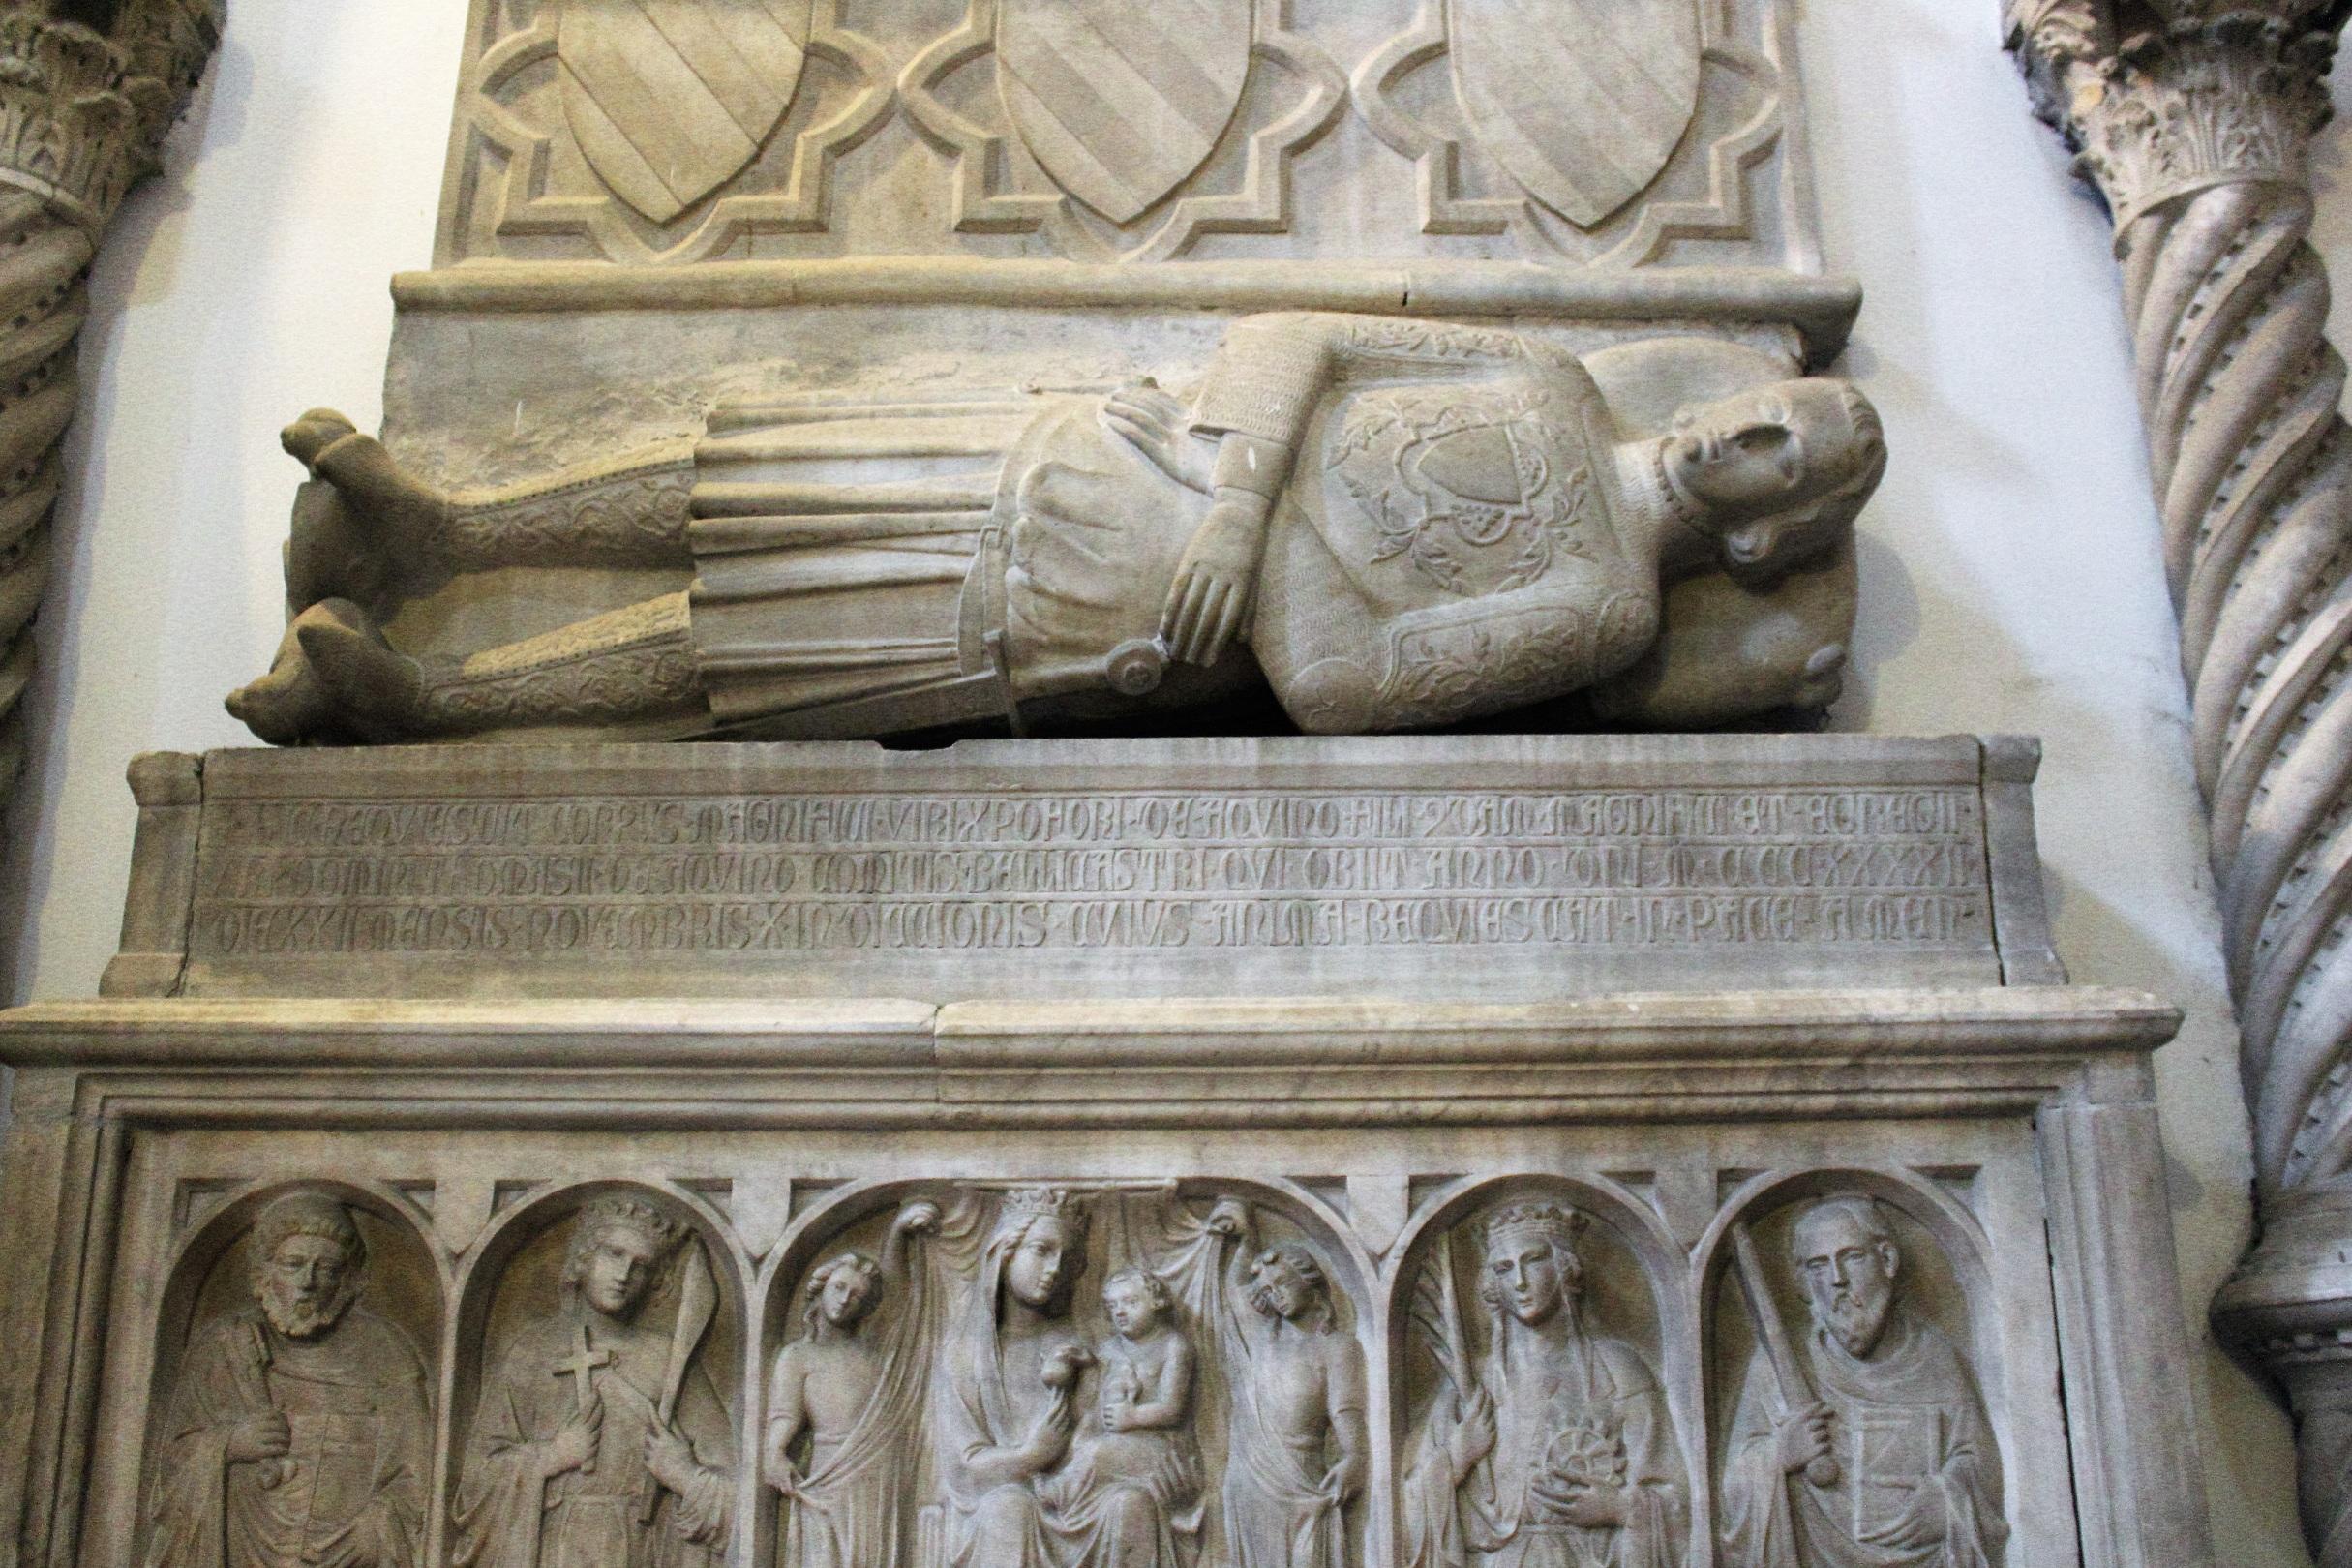 Sepolcro Cristofaro de Aquino